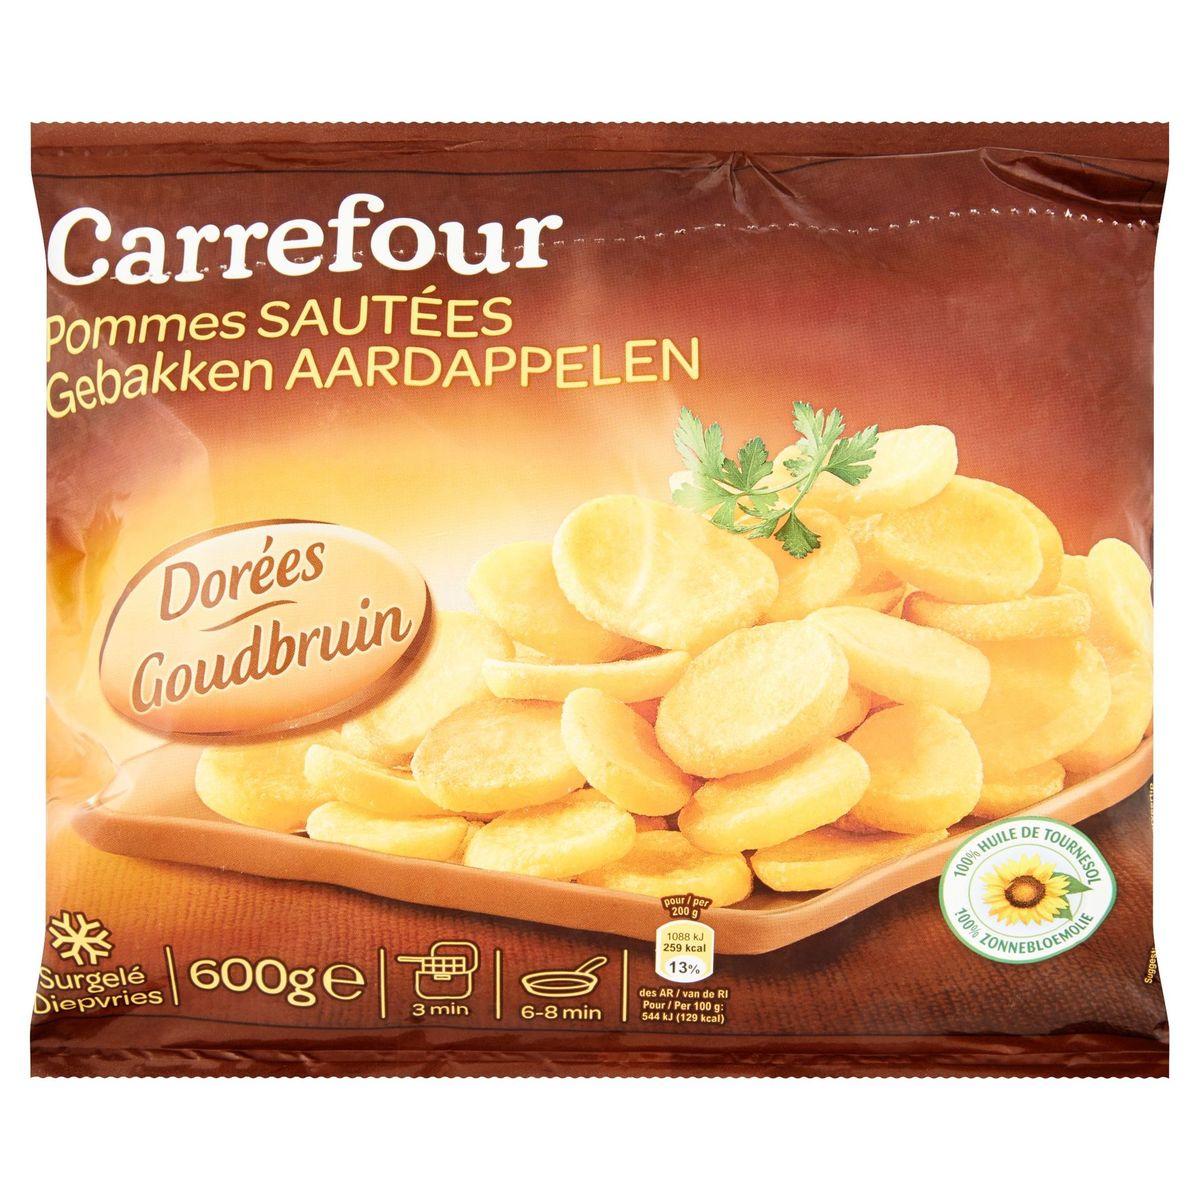 Carrefour Gebakken Aardappelen Goudbruin 600 g